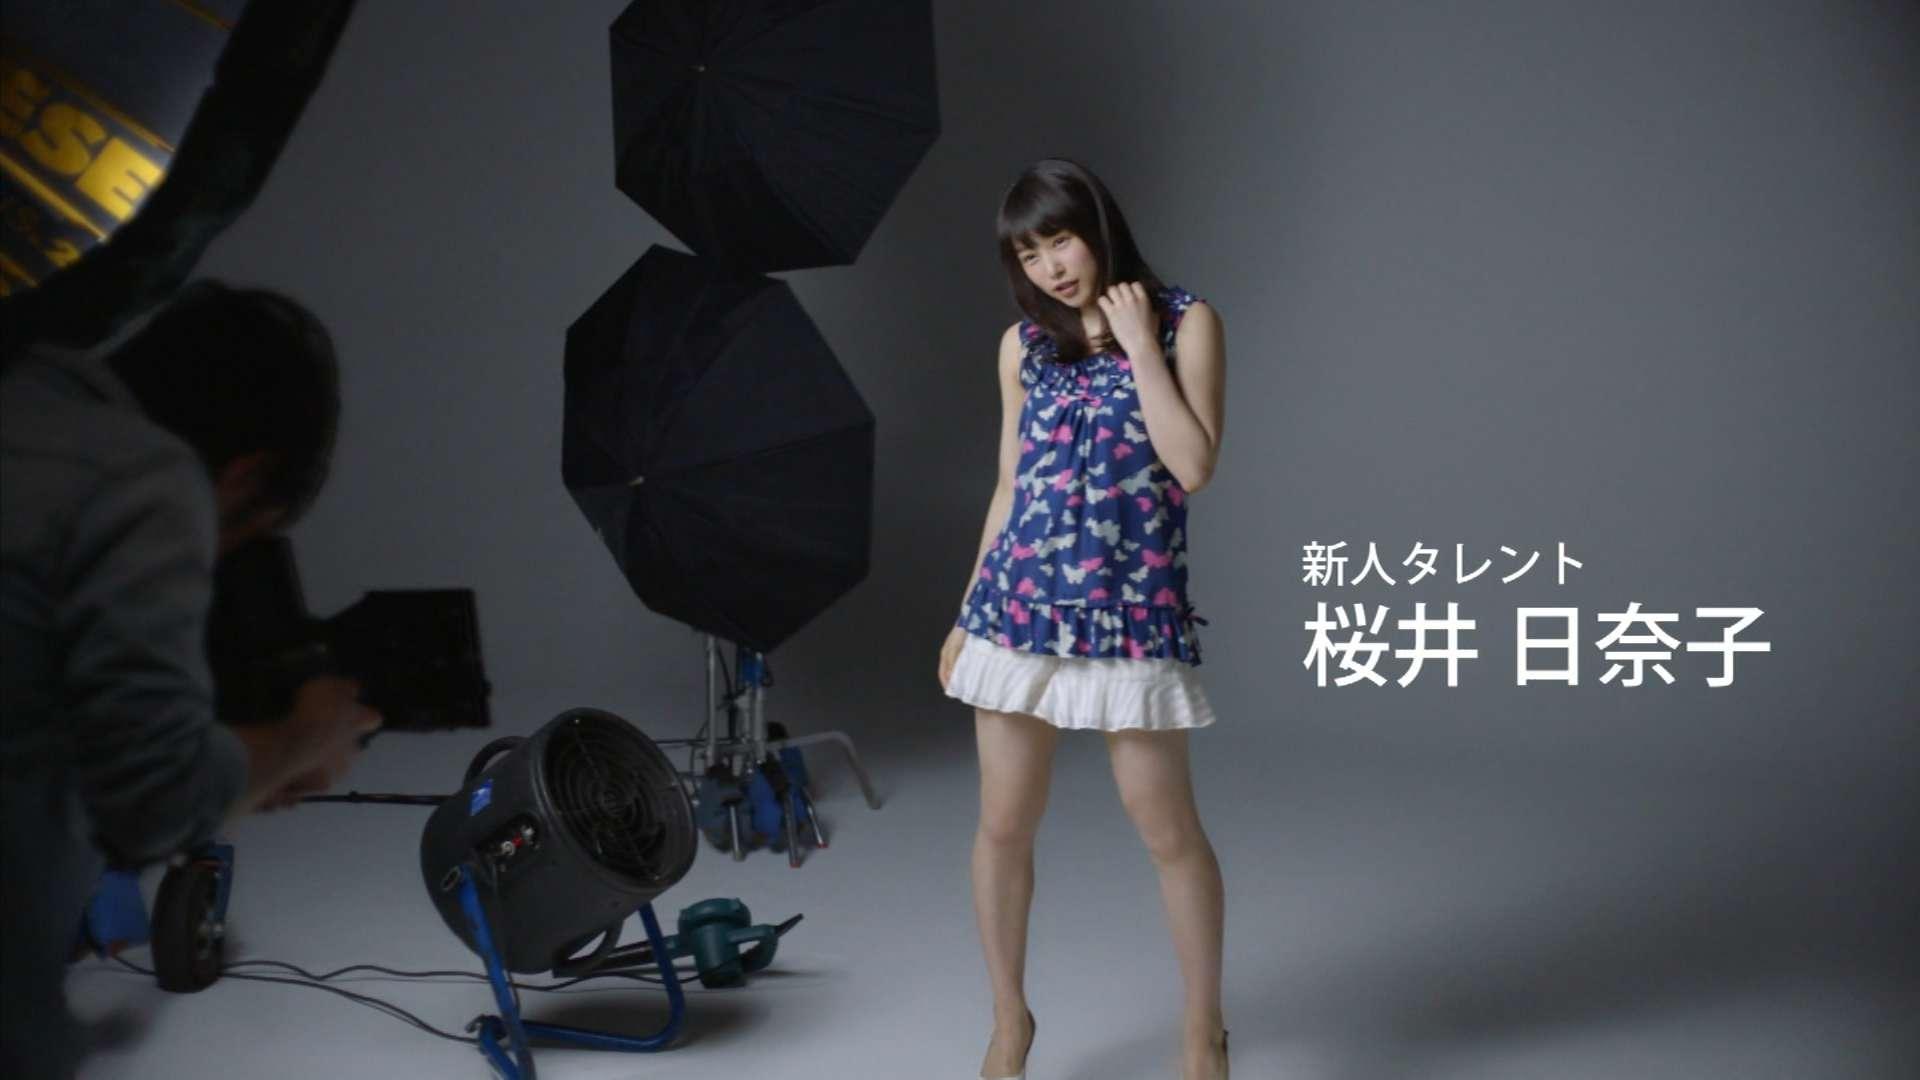 桜井日奈子 画像5